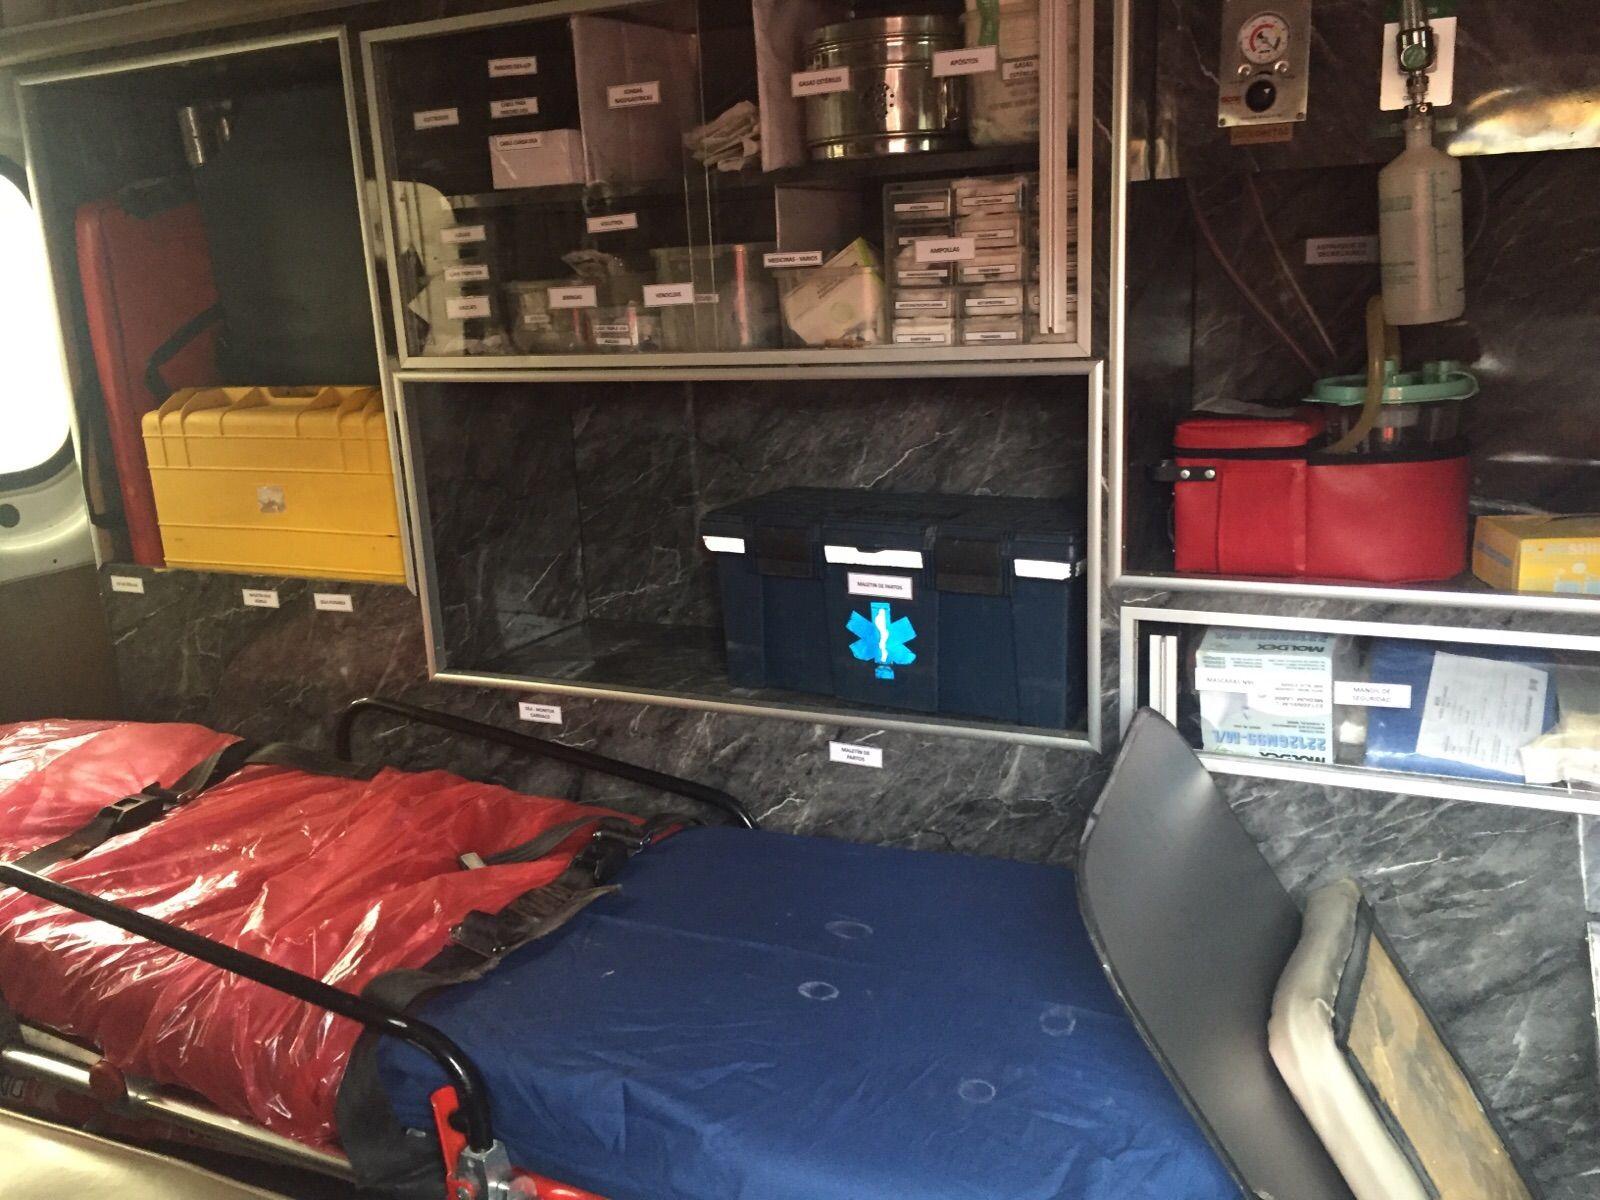 El equipo robado estaba valorizado en 25 mil soles (Foto: Difusión)